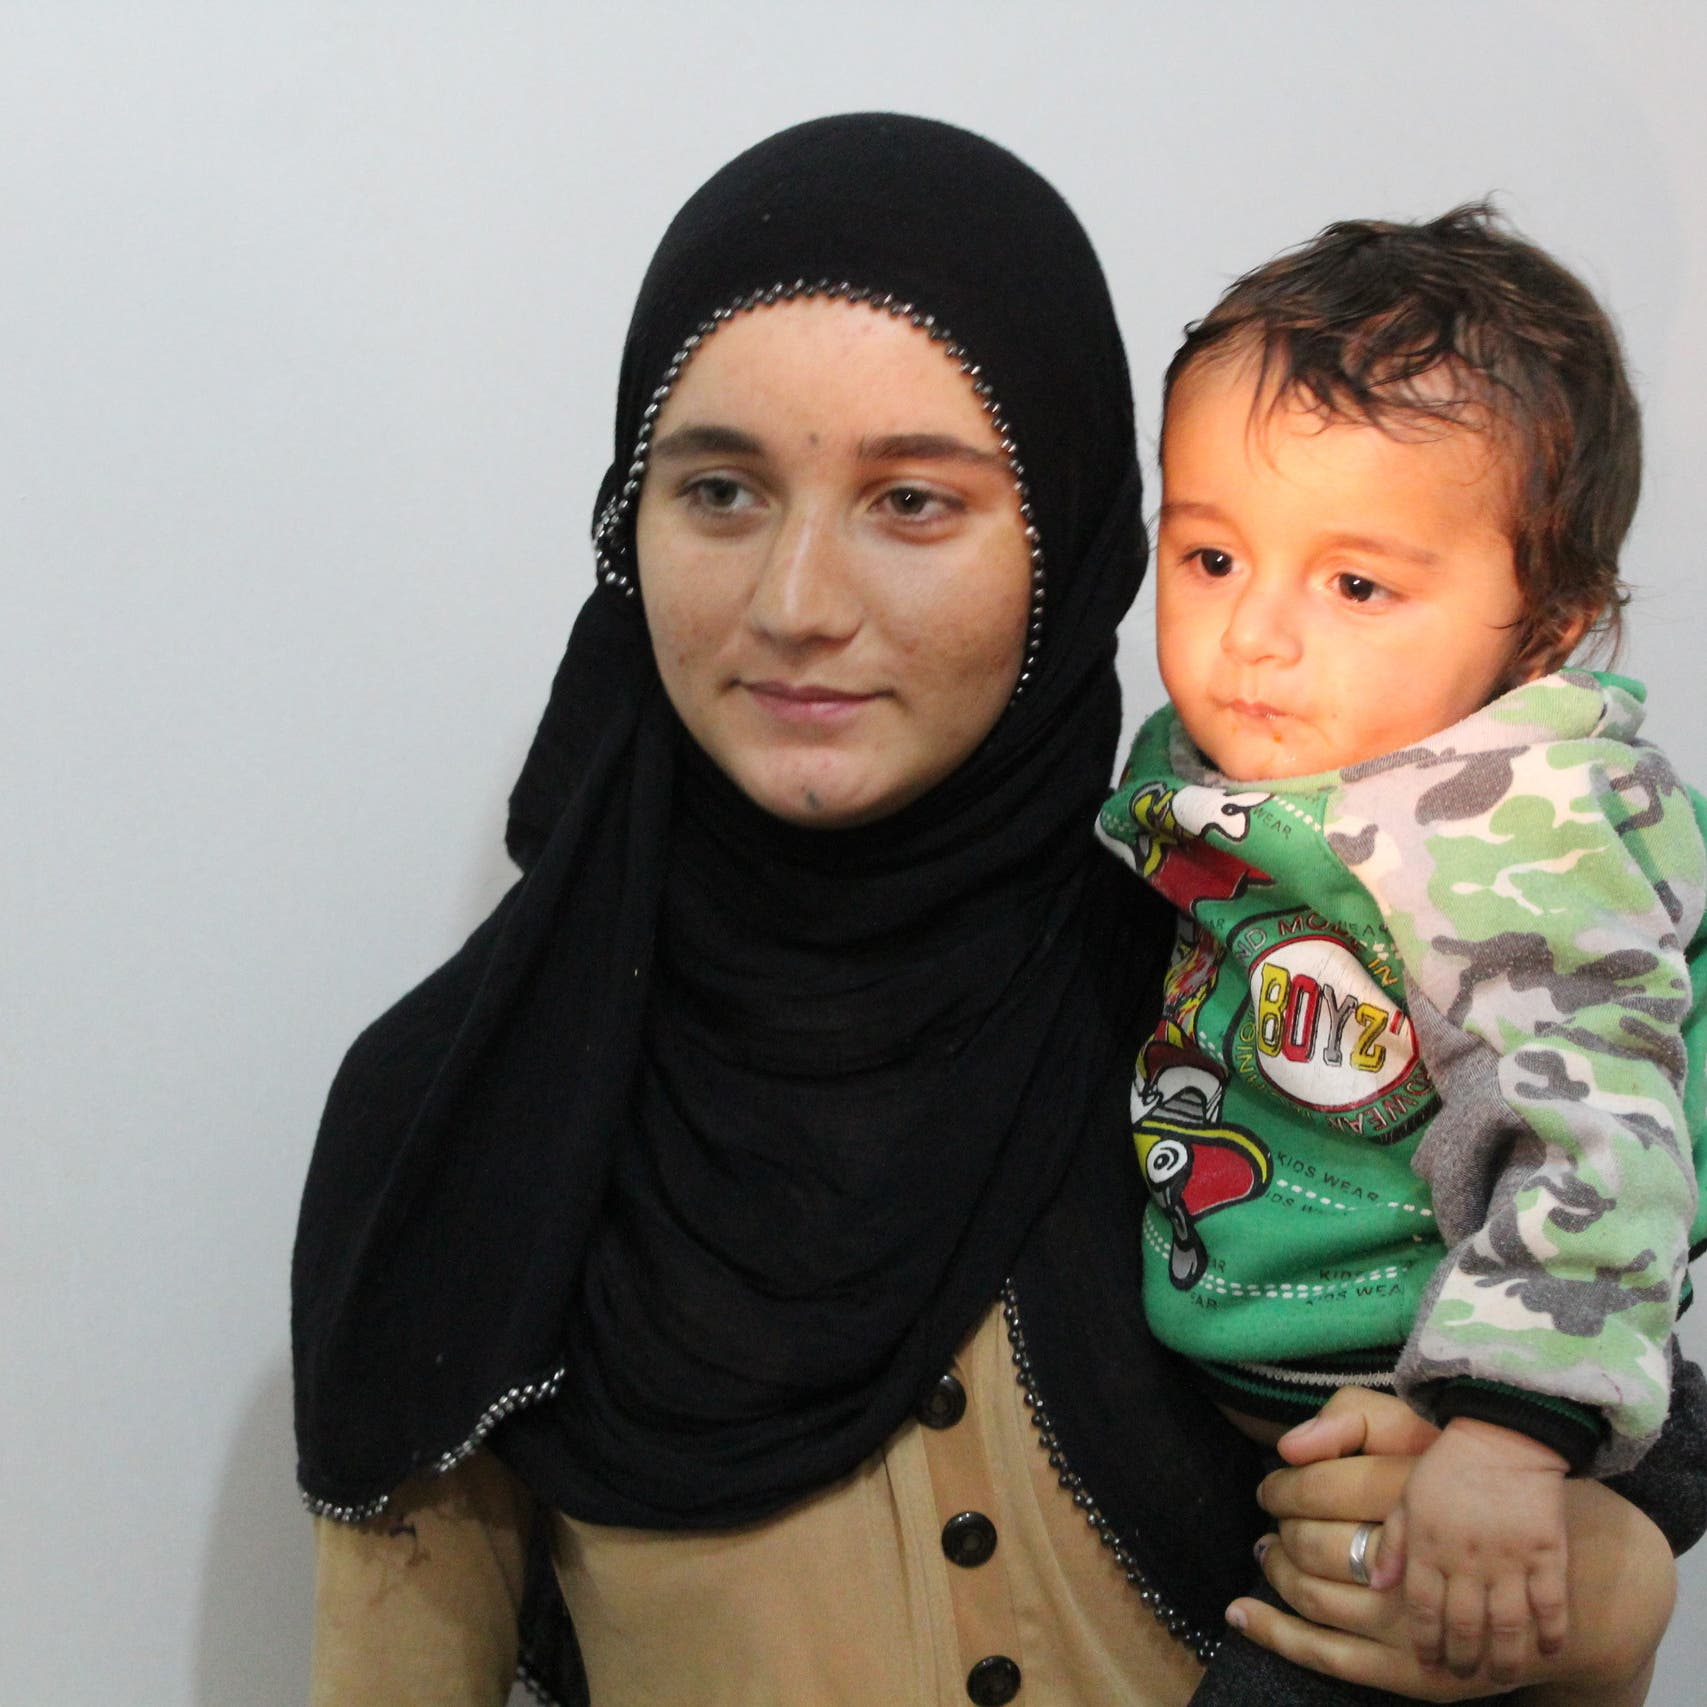 مخطوفات لدى داعش.. آلين الطفلة تكشف للعربية.نت ما عانته